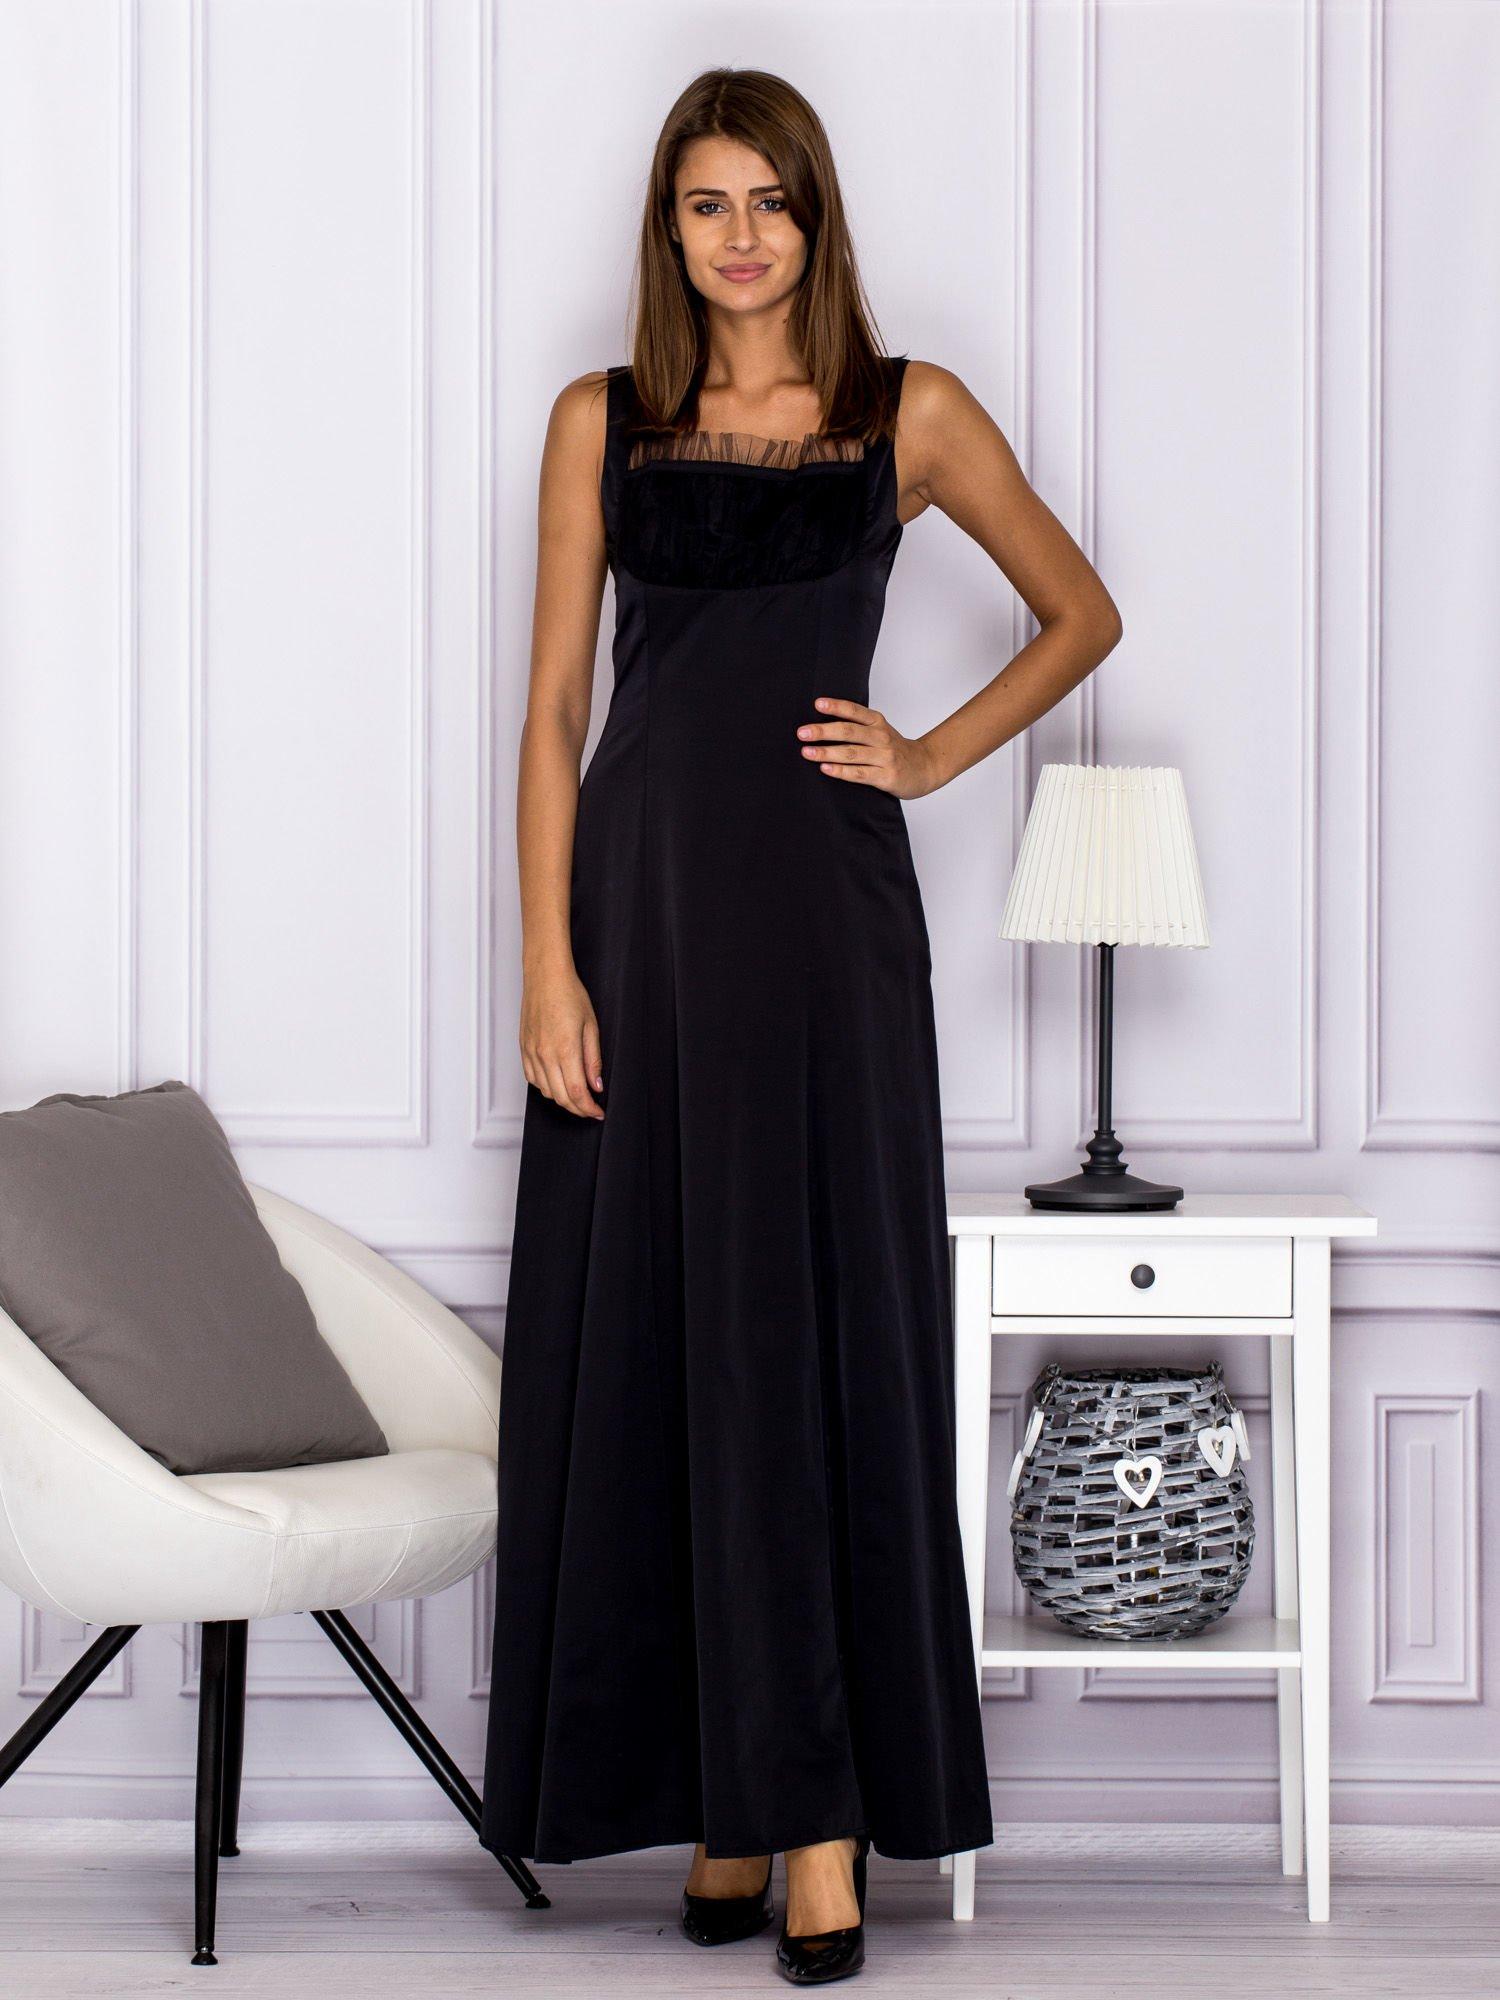 001e53daf2 Elegancka sukienka wieczorowa maxi czarna - Sukienka rozkloszowana ...